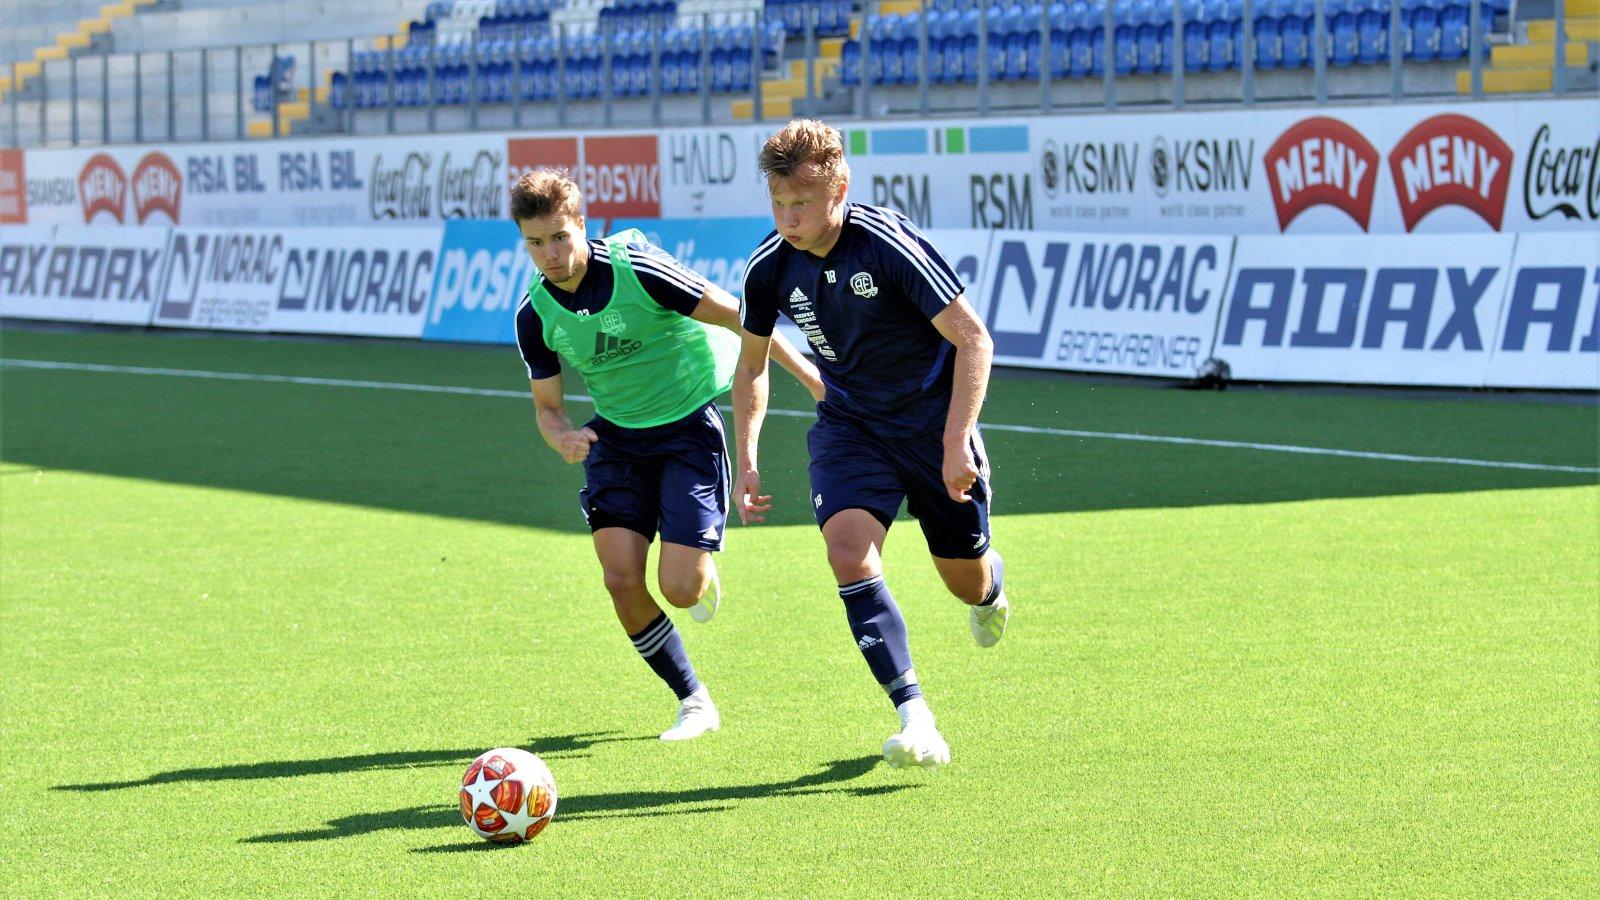 Markus Håbestad med ballen på trening 7. juni.